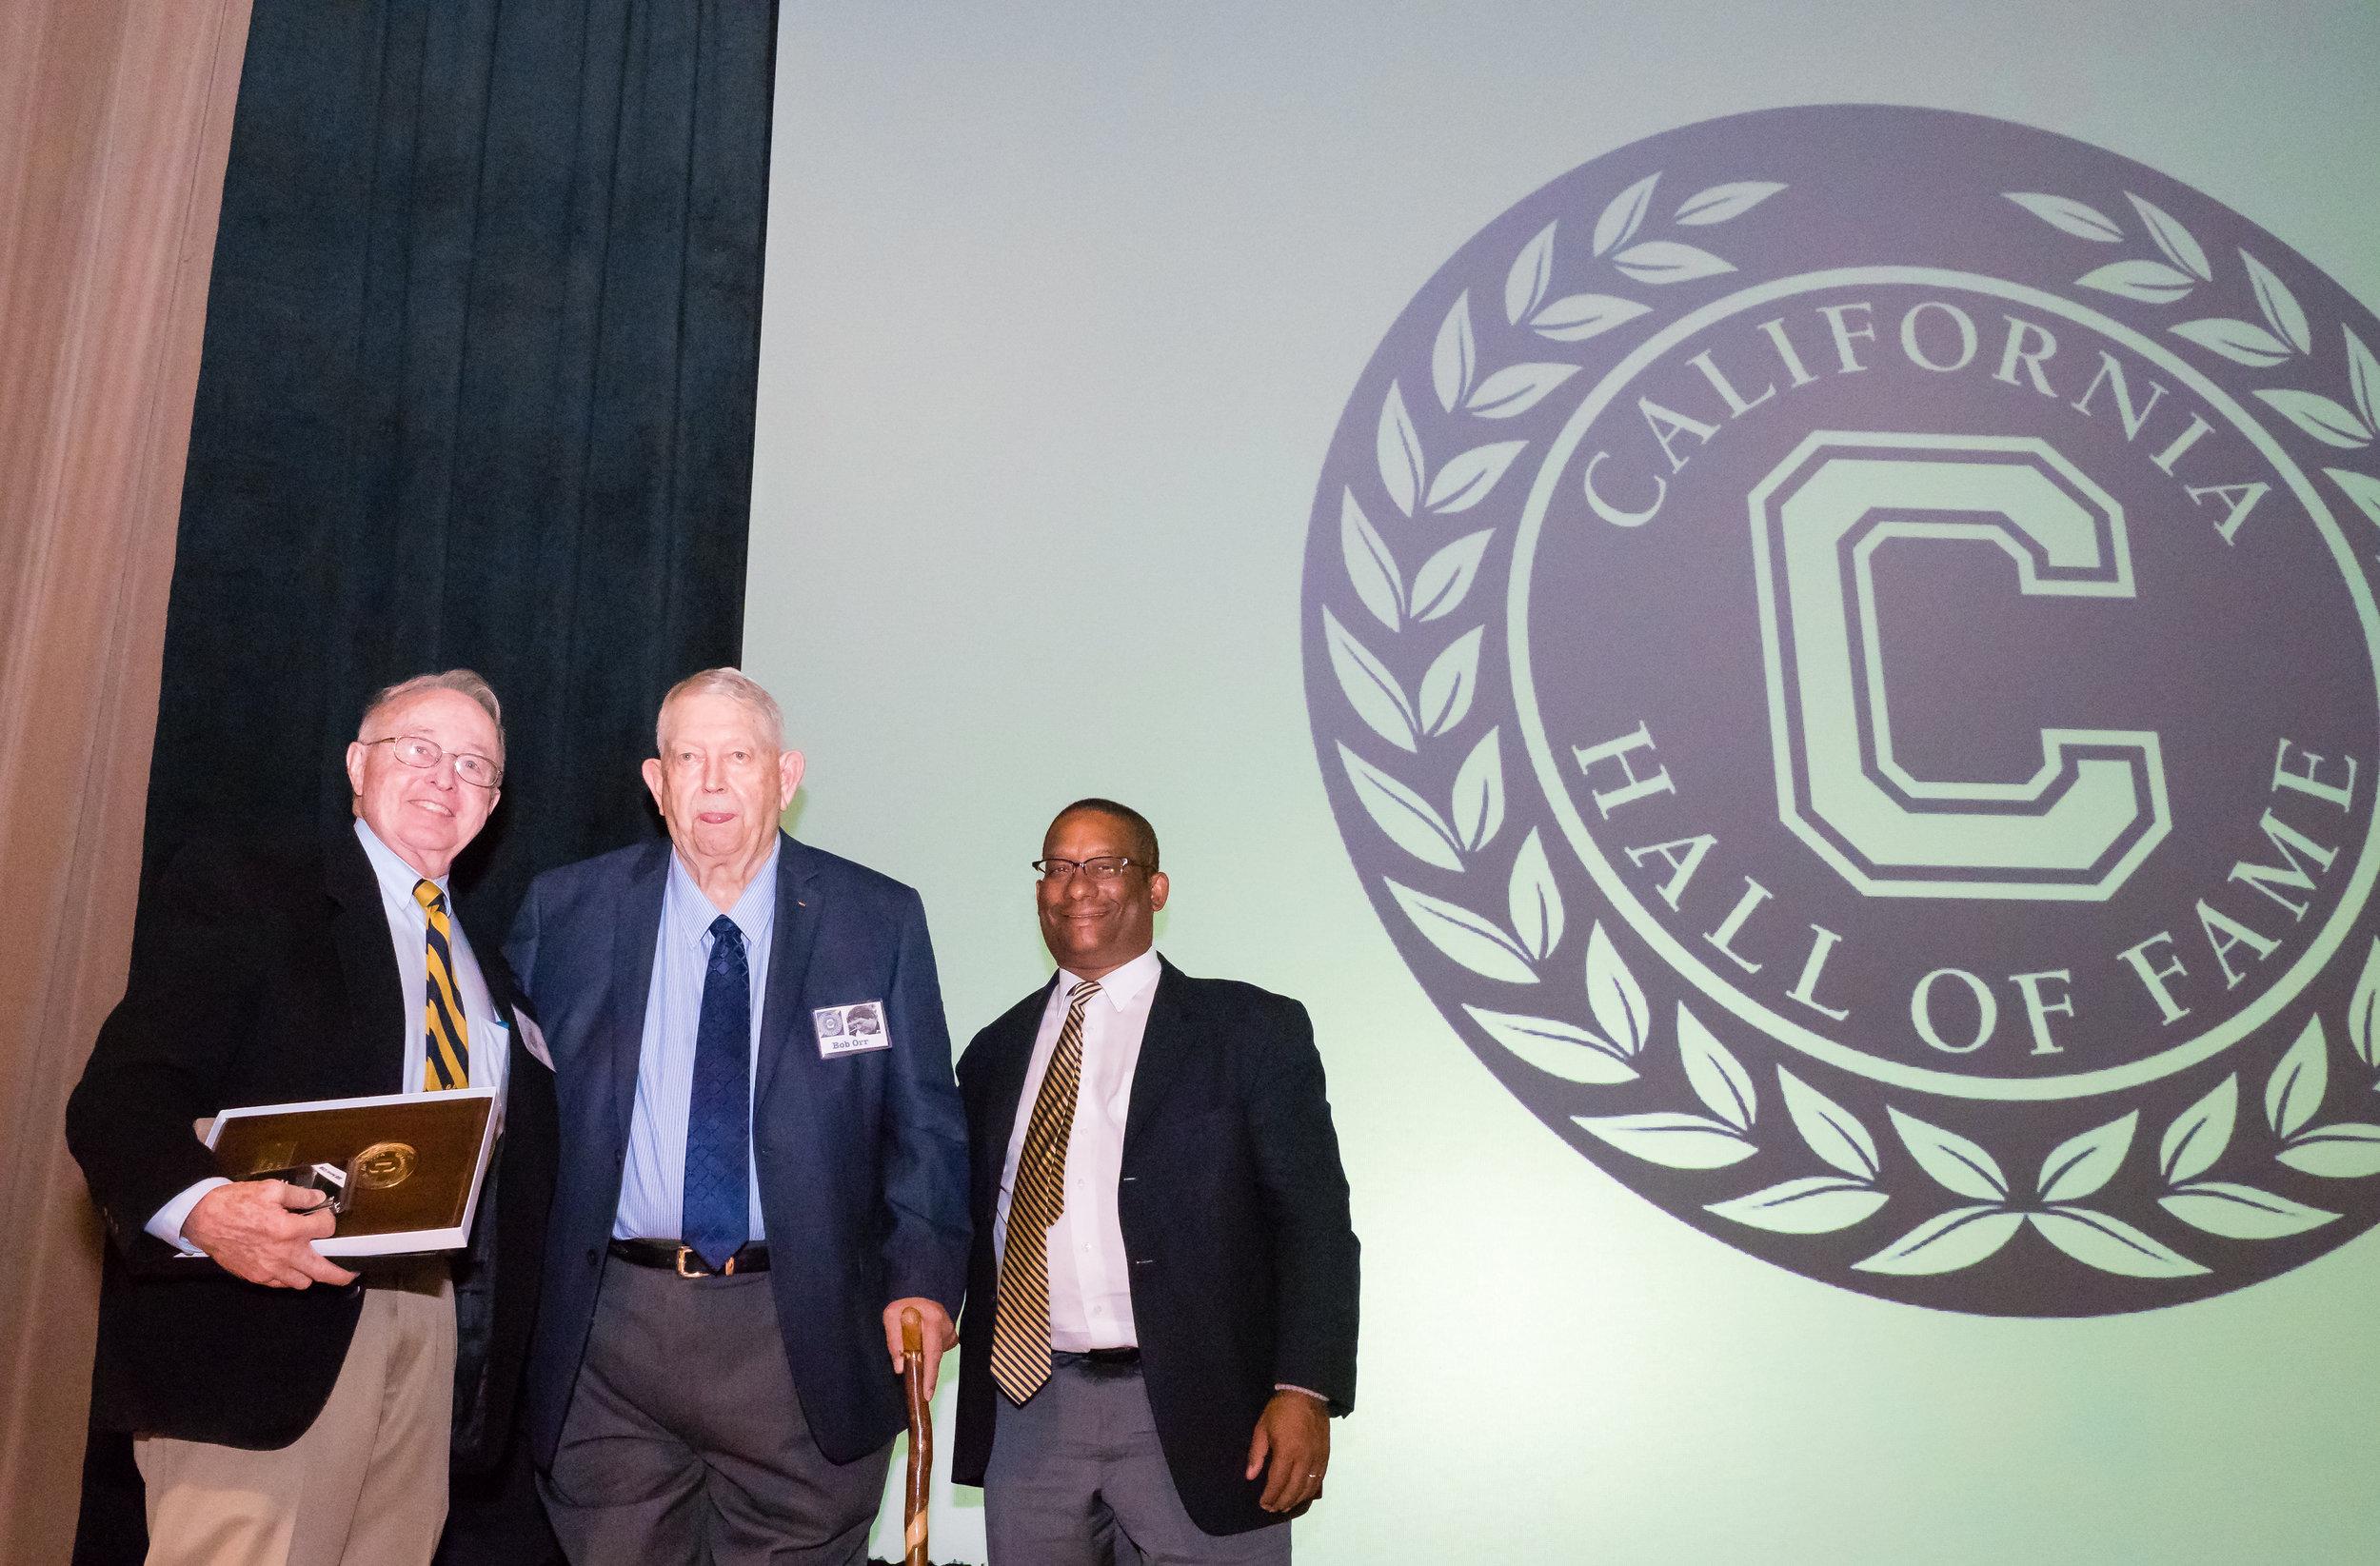 _Cal_Hall of Fame_20170908_205123_KLC-(ZF-9201-57652-1-1062).jpg